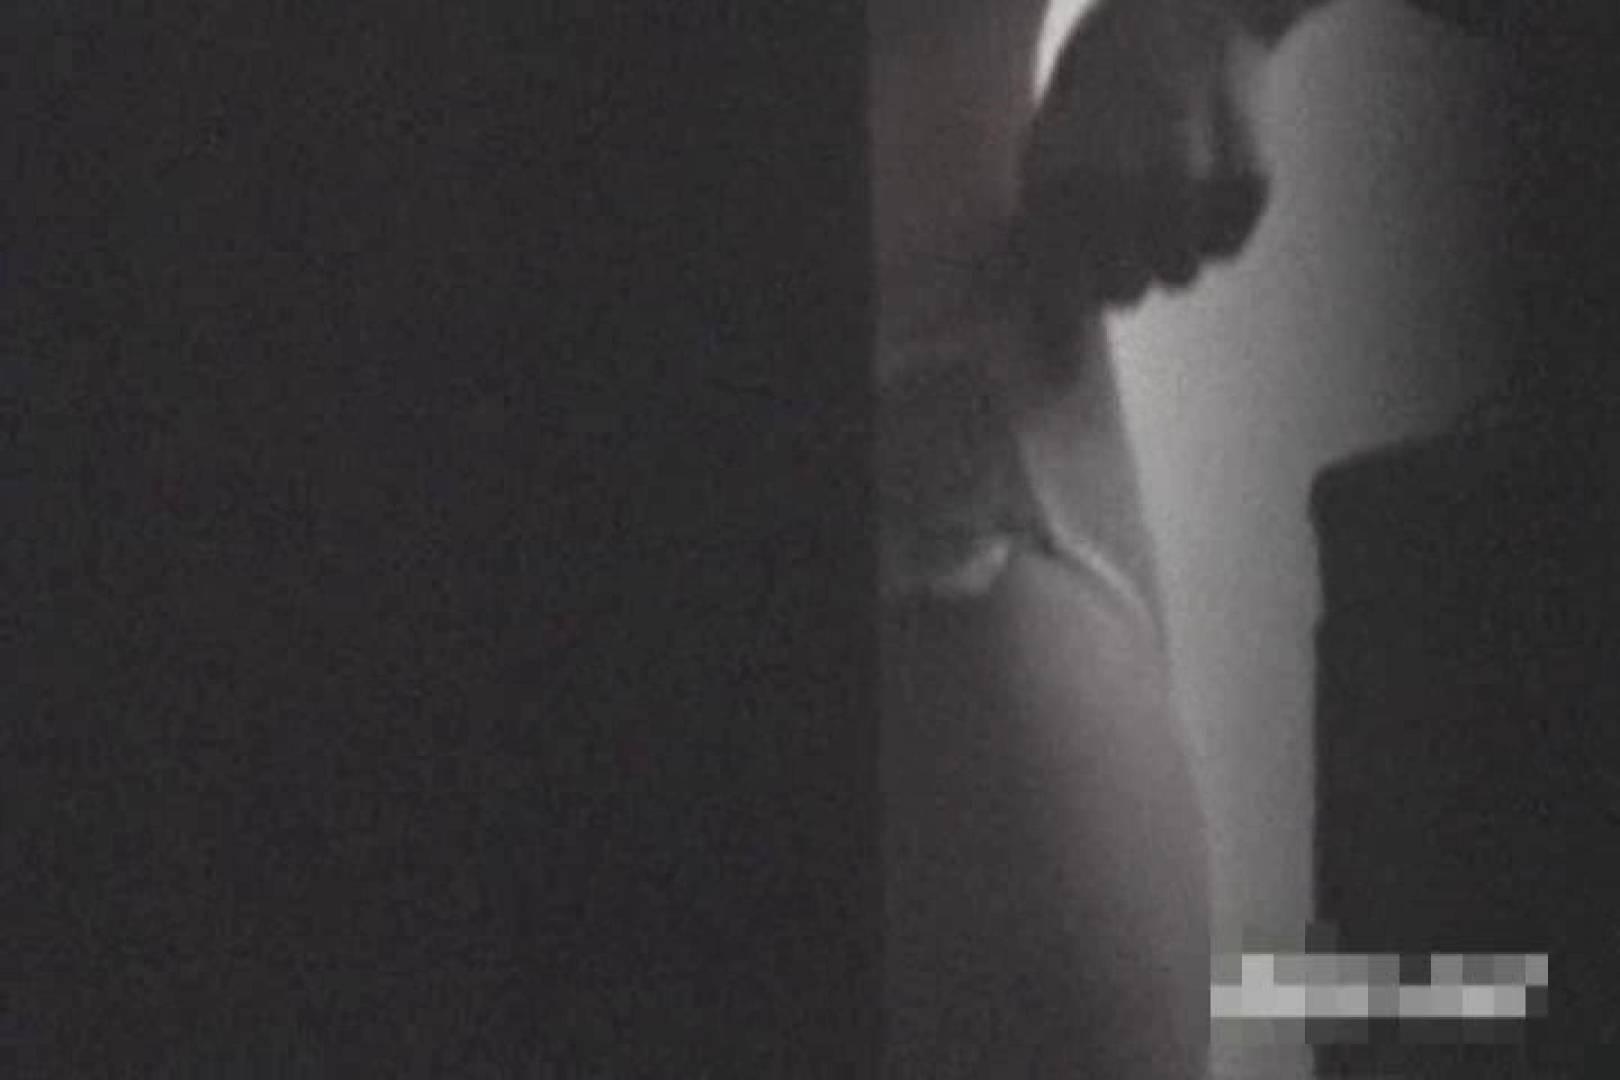 深夜の撮影会Vol.2 美しいOLの裸体 セックス画像 70pic 12